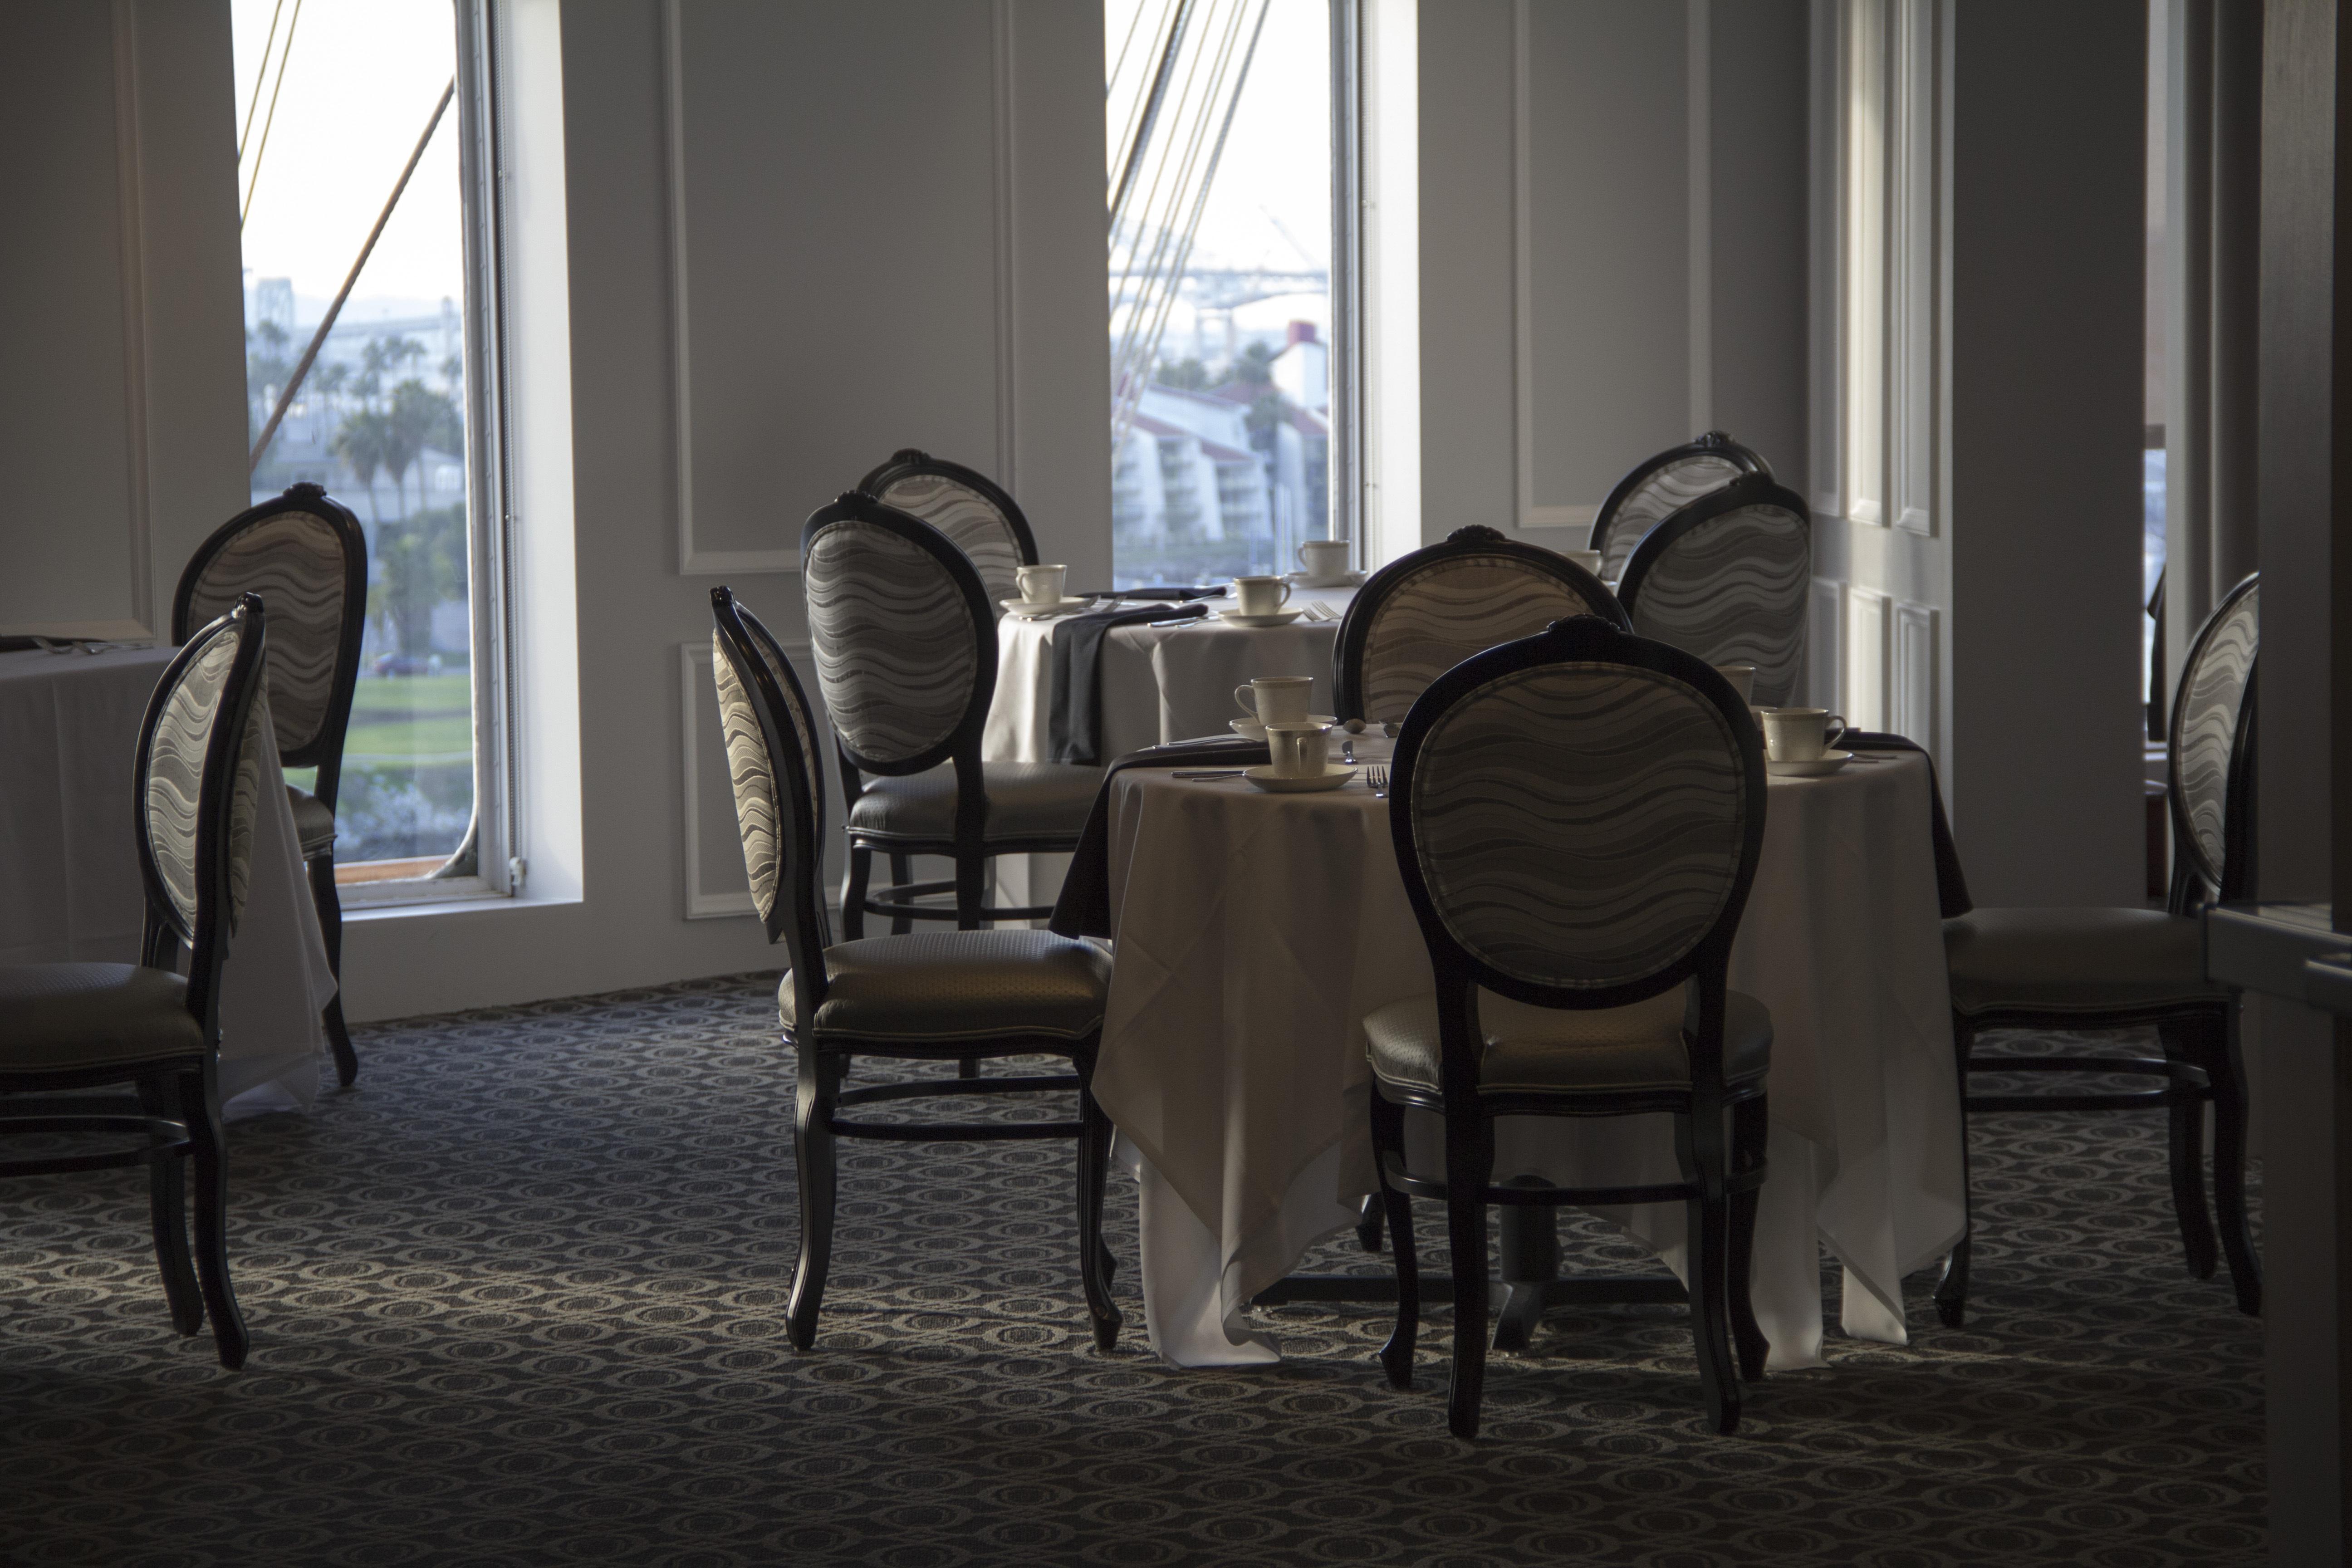 Lieblich Tabelle Licht Sessel Stock Innere Fenster Zuhause Dekoration  Eigentum Wohnzimmer Möbel Zimmer Dekor Innenarchitektur Entwurf